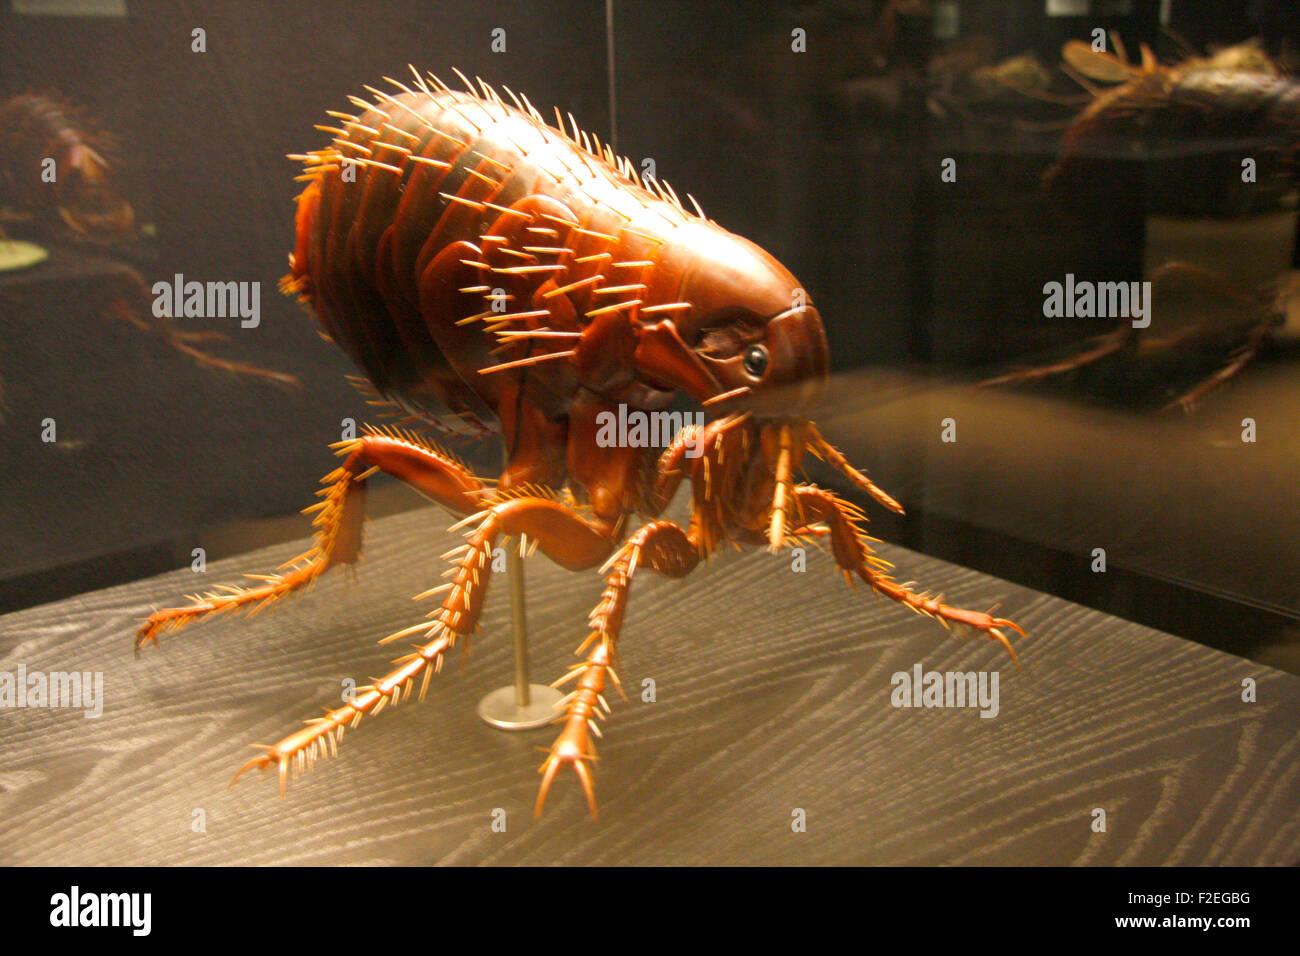 ein Modell eines Menschenflohs - Exponate im Naturhistorischen Museum, Berlin-Mitte. - Stock Image